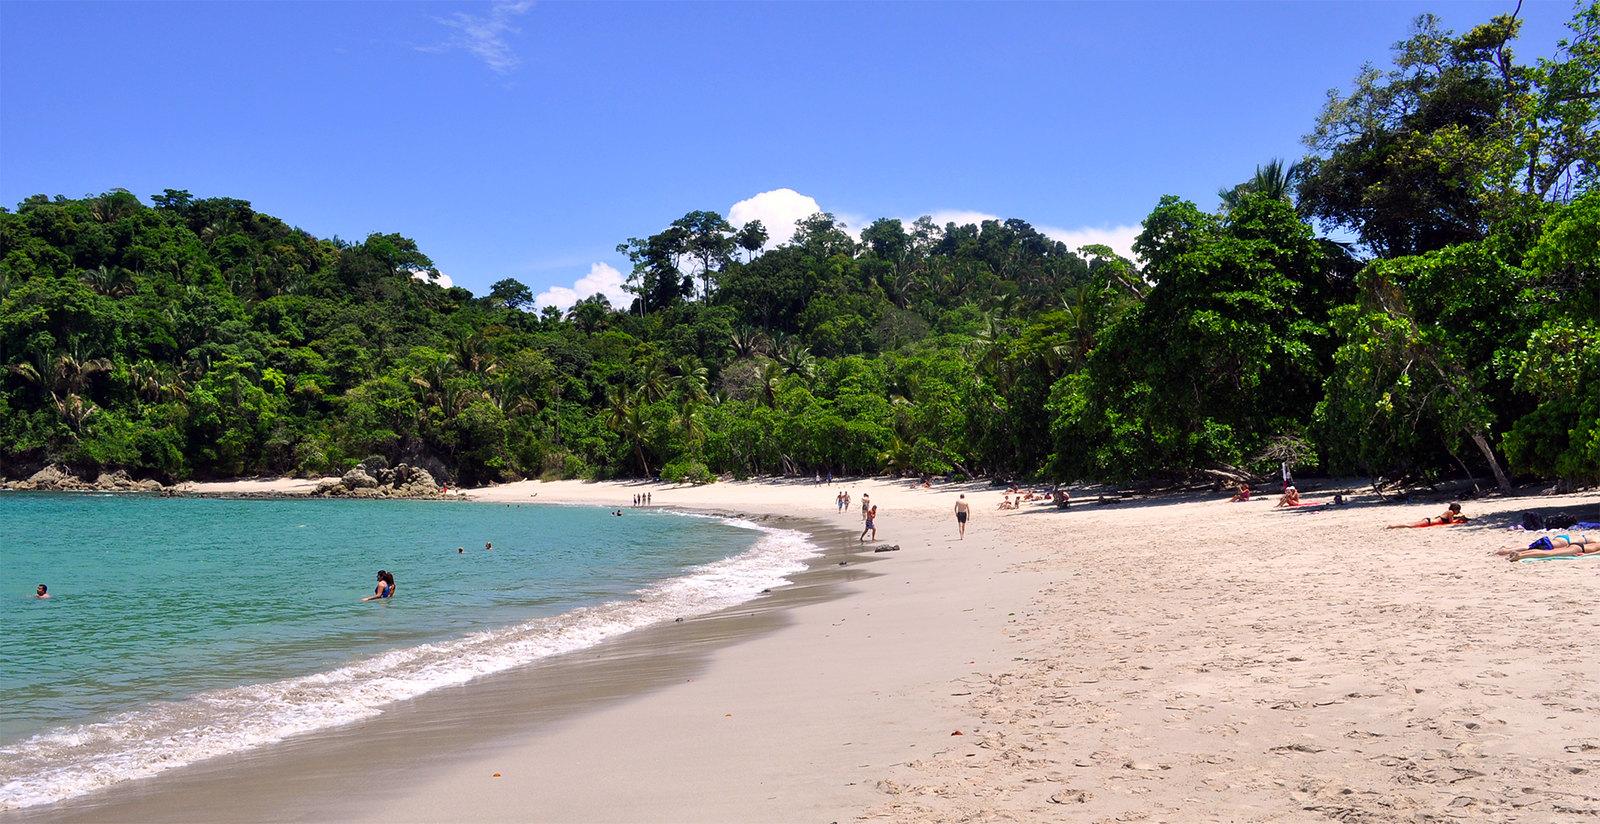 Viajar a Costa Rica / Ruta por Costa Rica en 3 semanas ruta por costa rica - 24377761458 21f60e7d02 h - Ruta por Costa Rica en 3 semanas